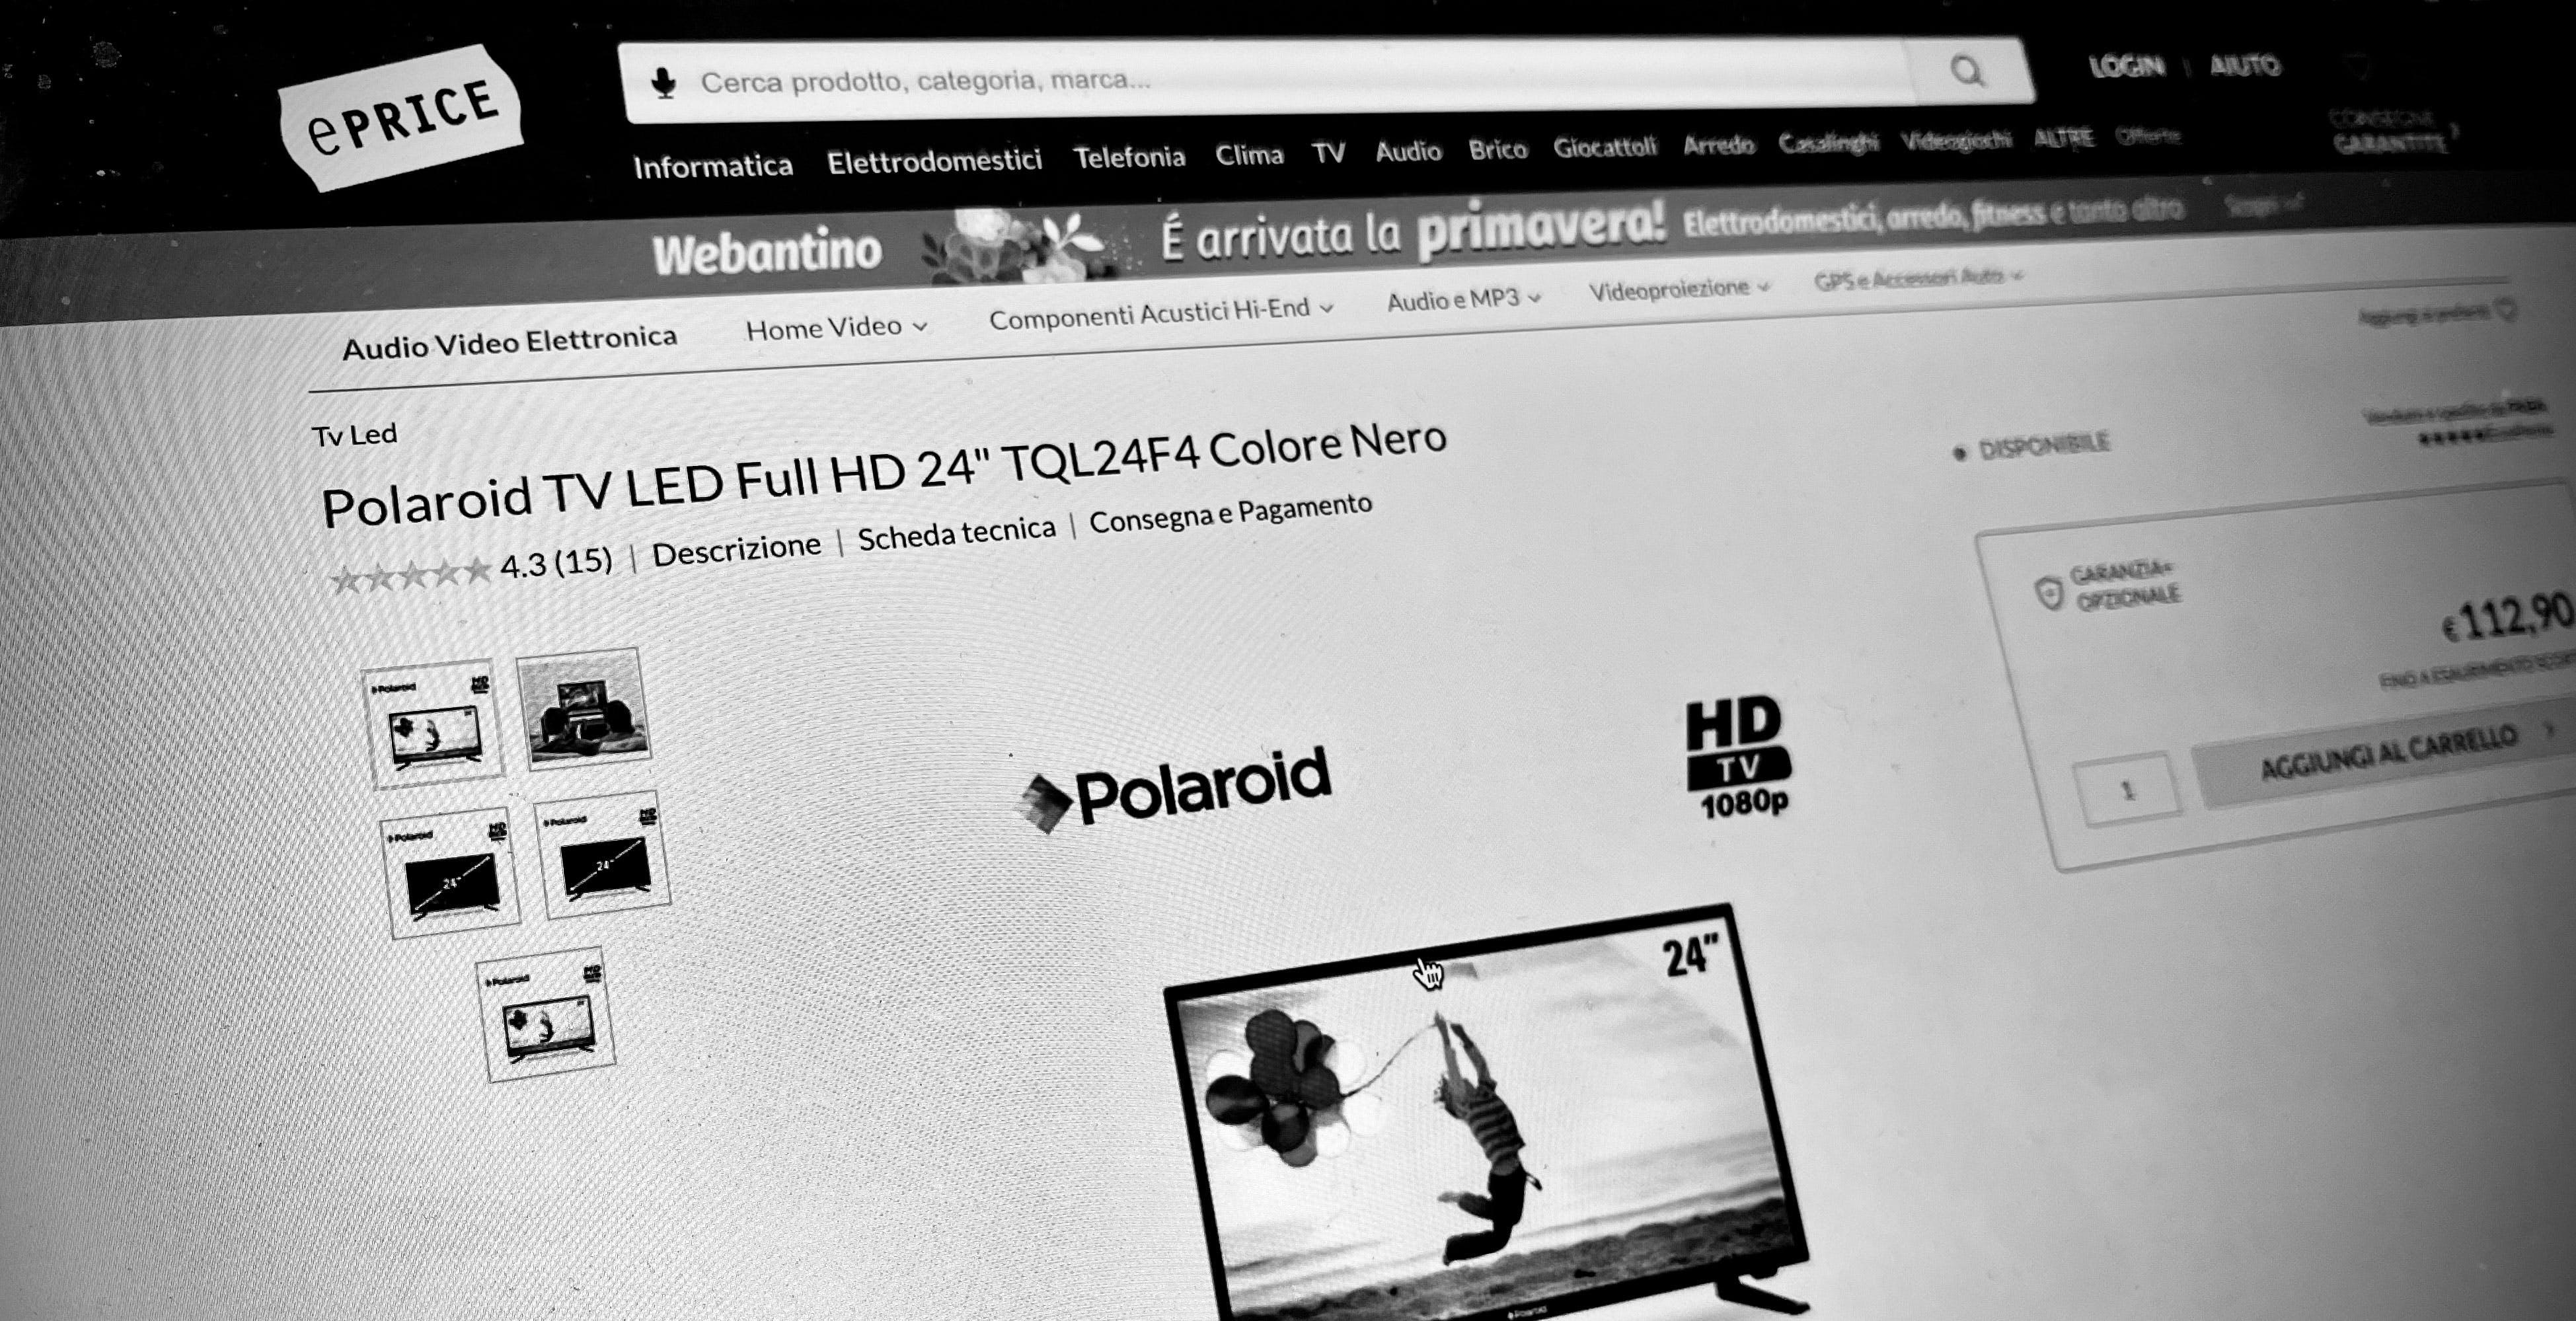 Marketplace e vendite fuori legge: c'è chi vende ancora TV senza DVB-T2 e pretende di aver ragione